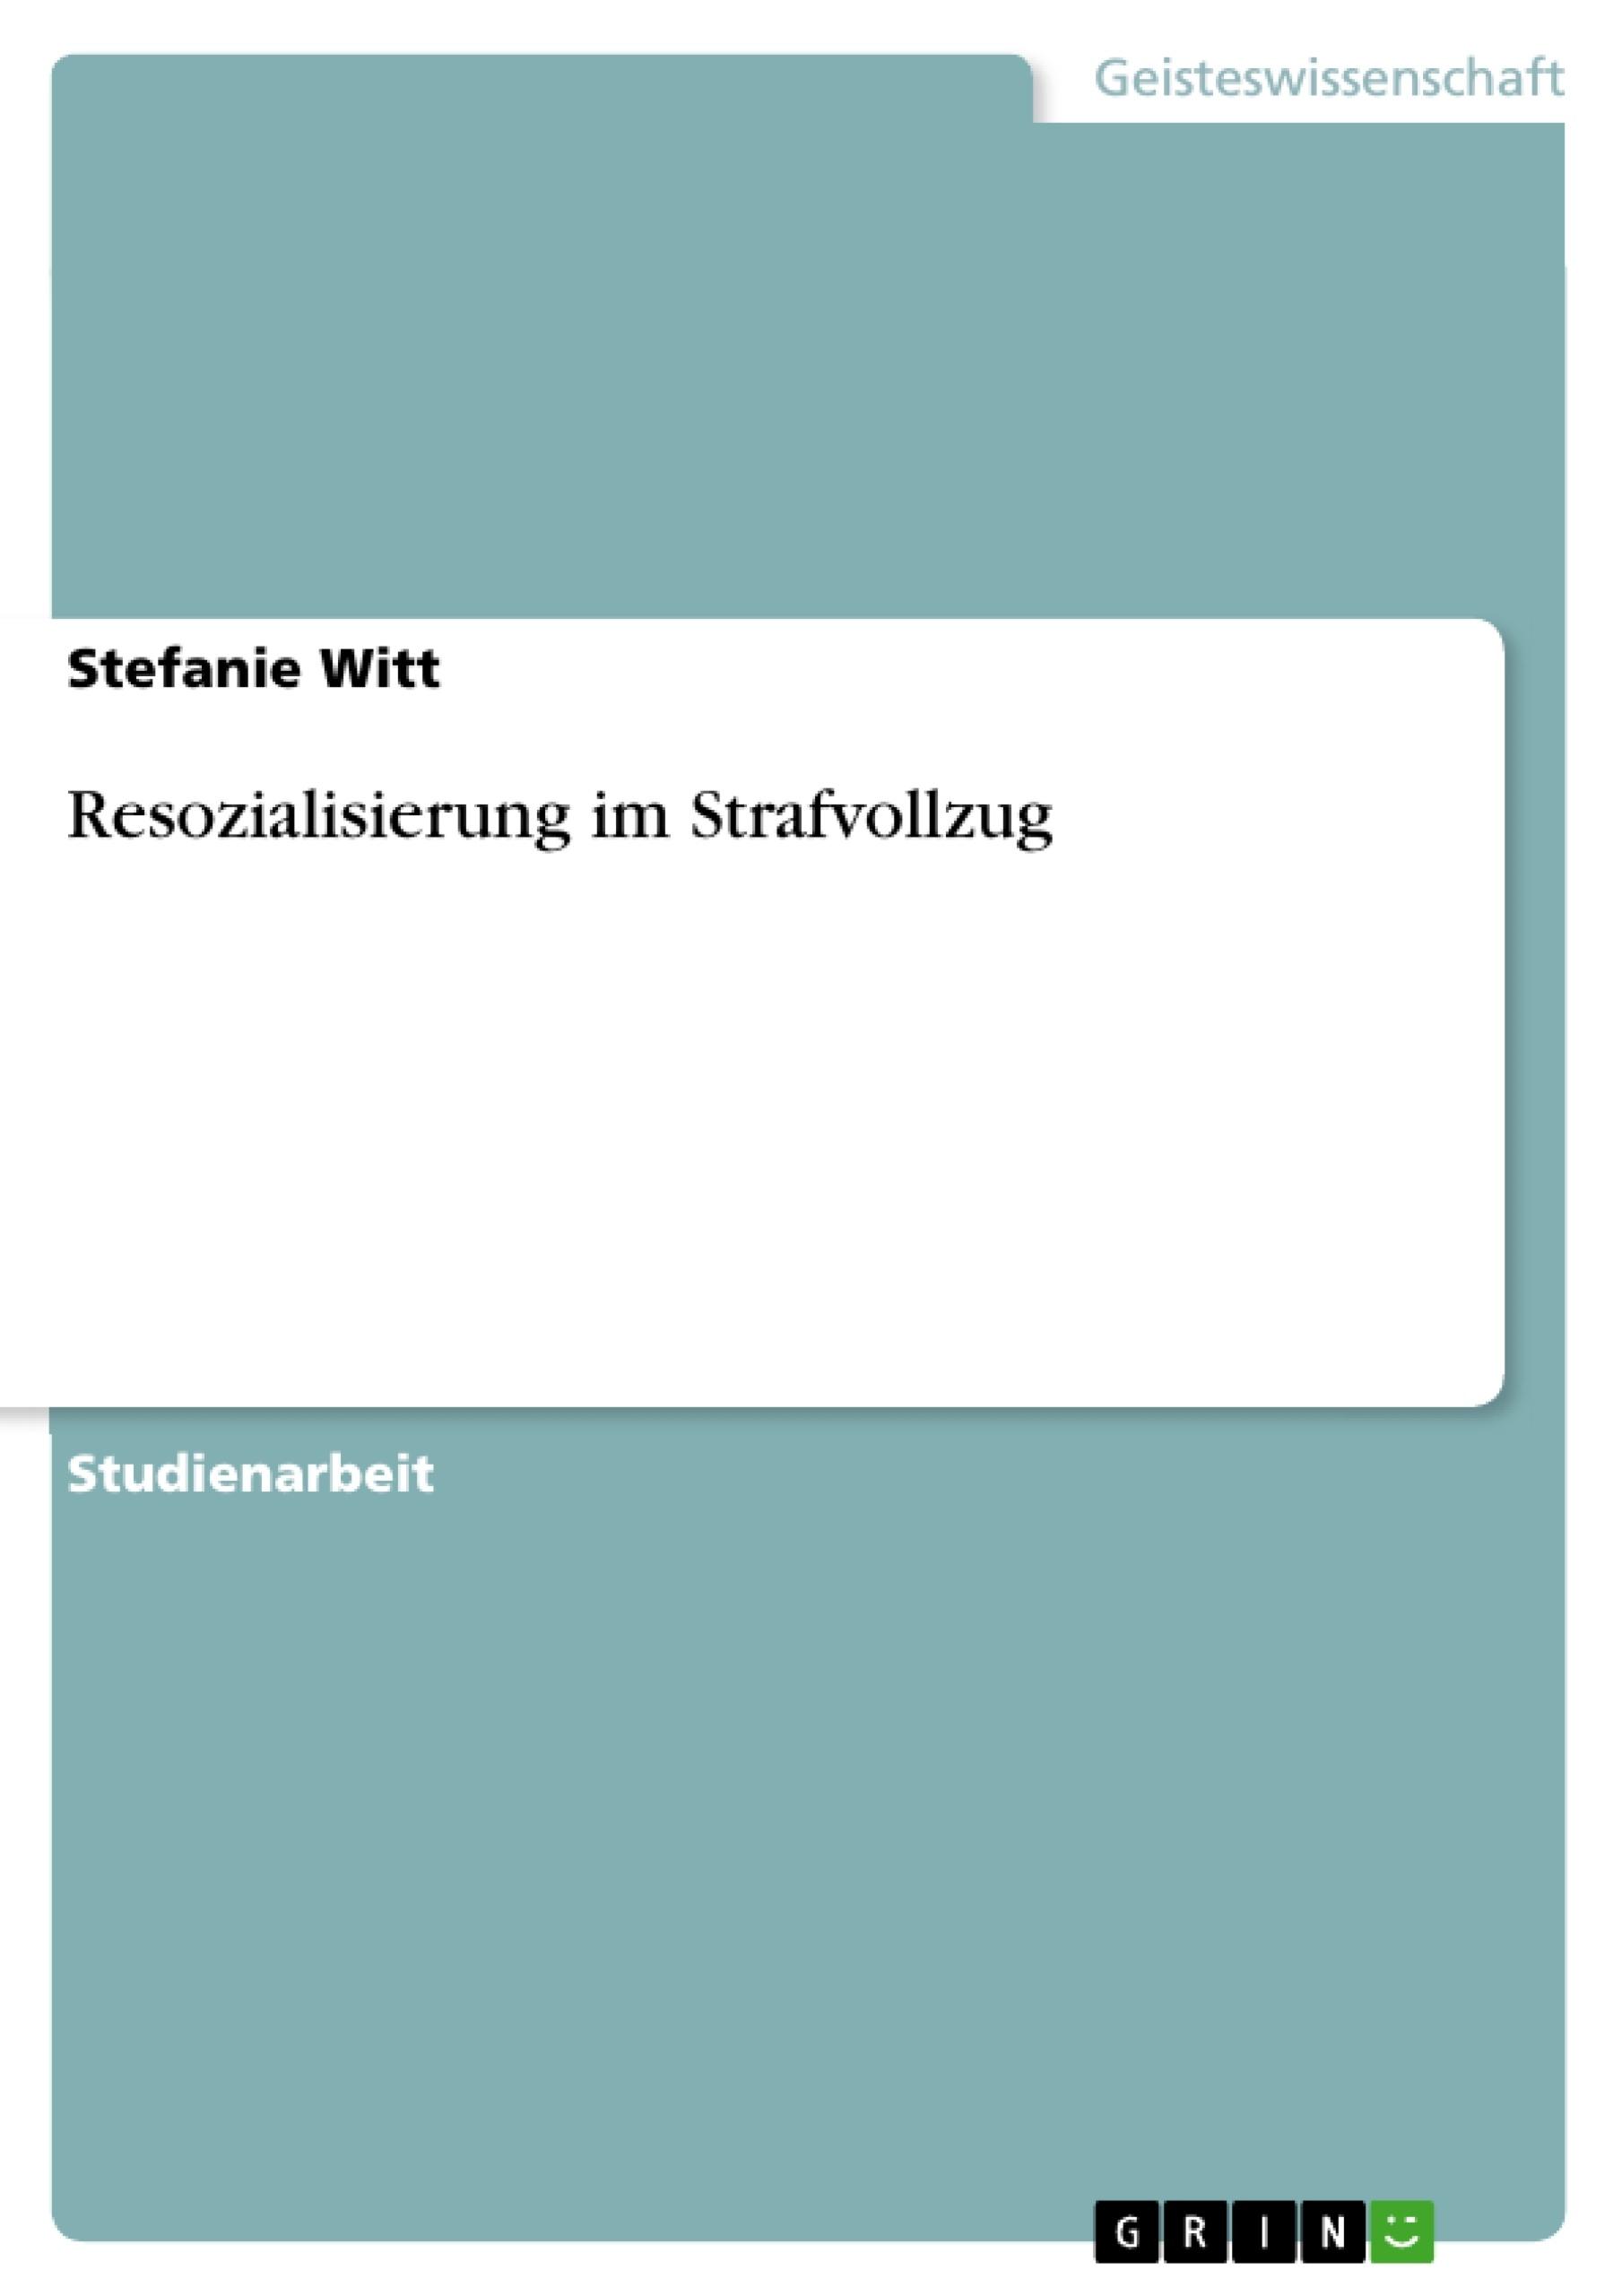 Titel: Resozialisierung im Strafvollzug